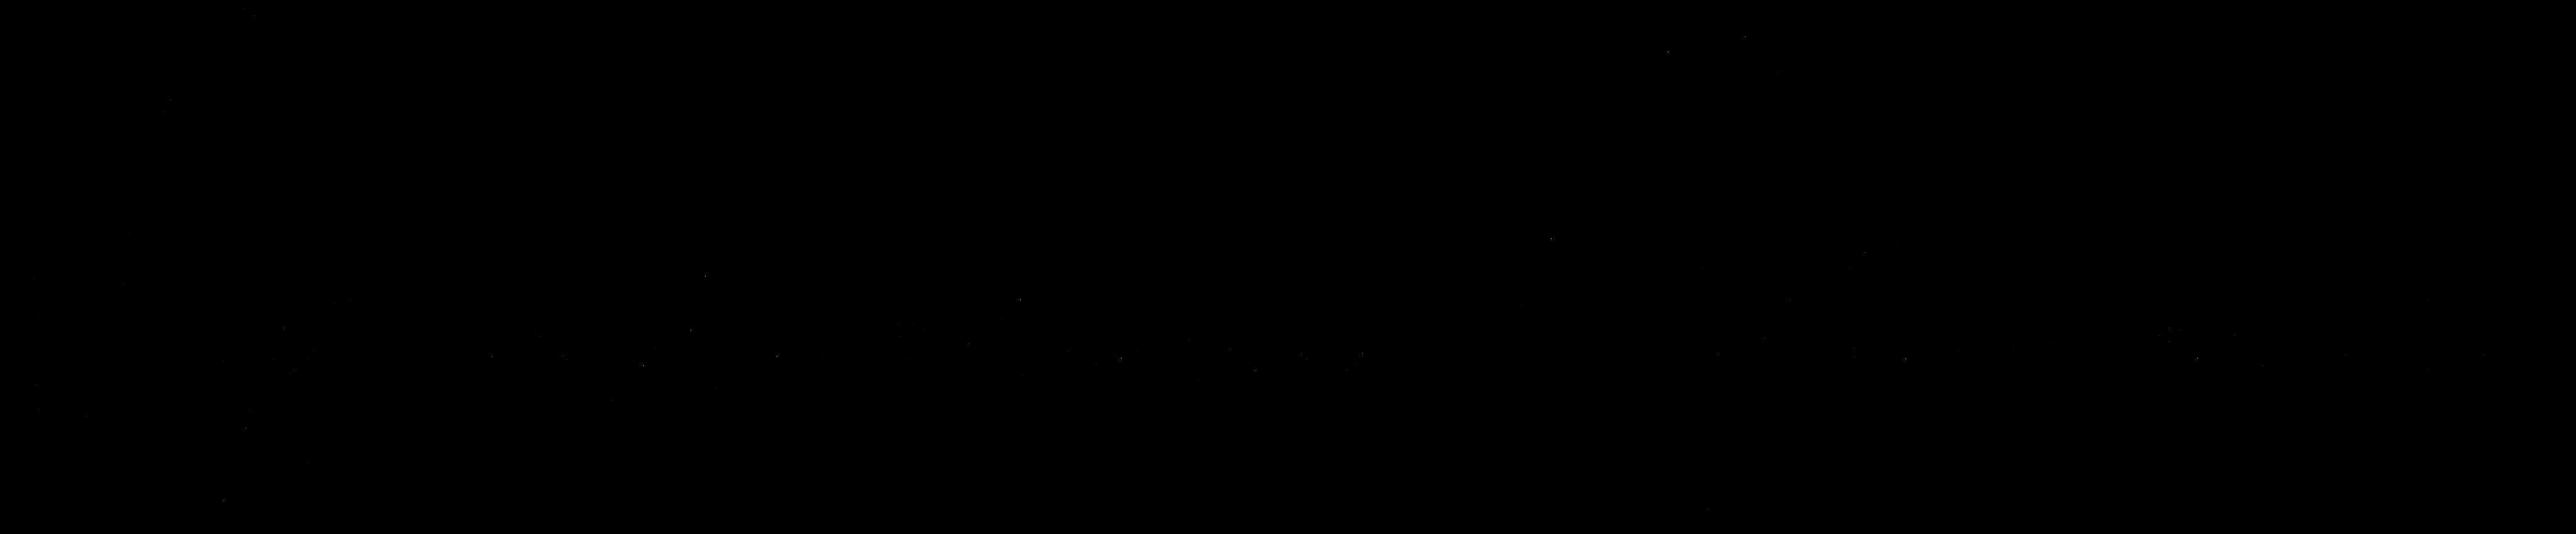 Vigneshwaran Ganesan